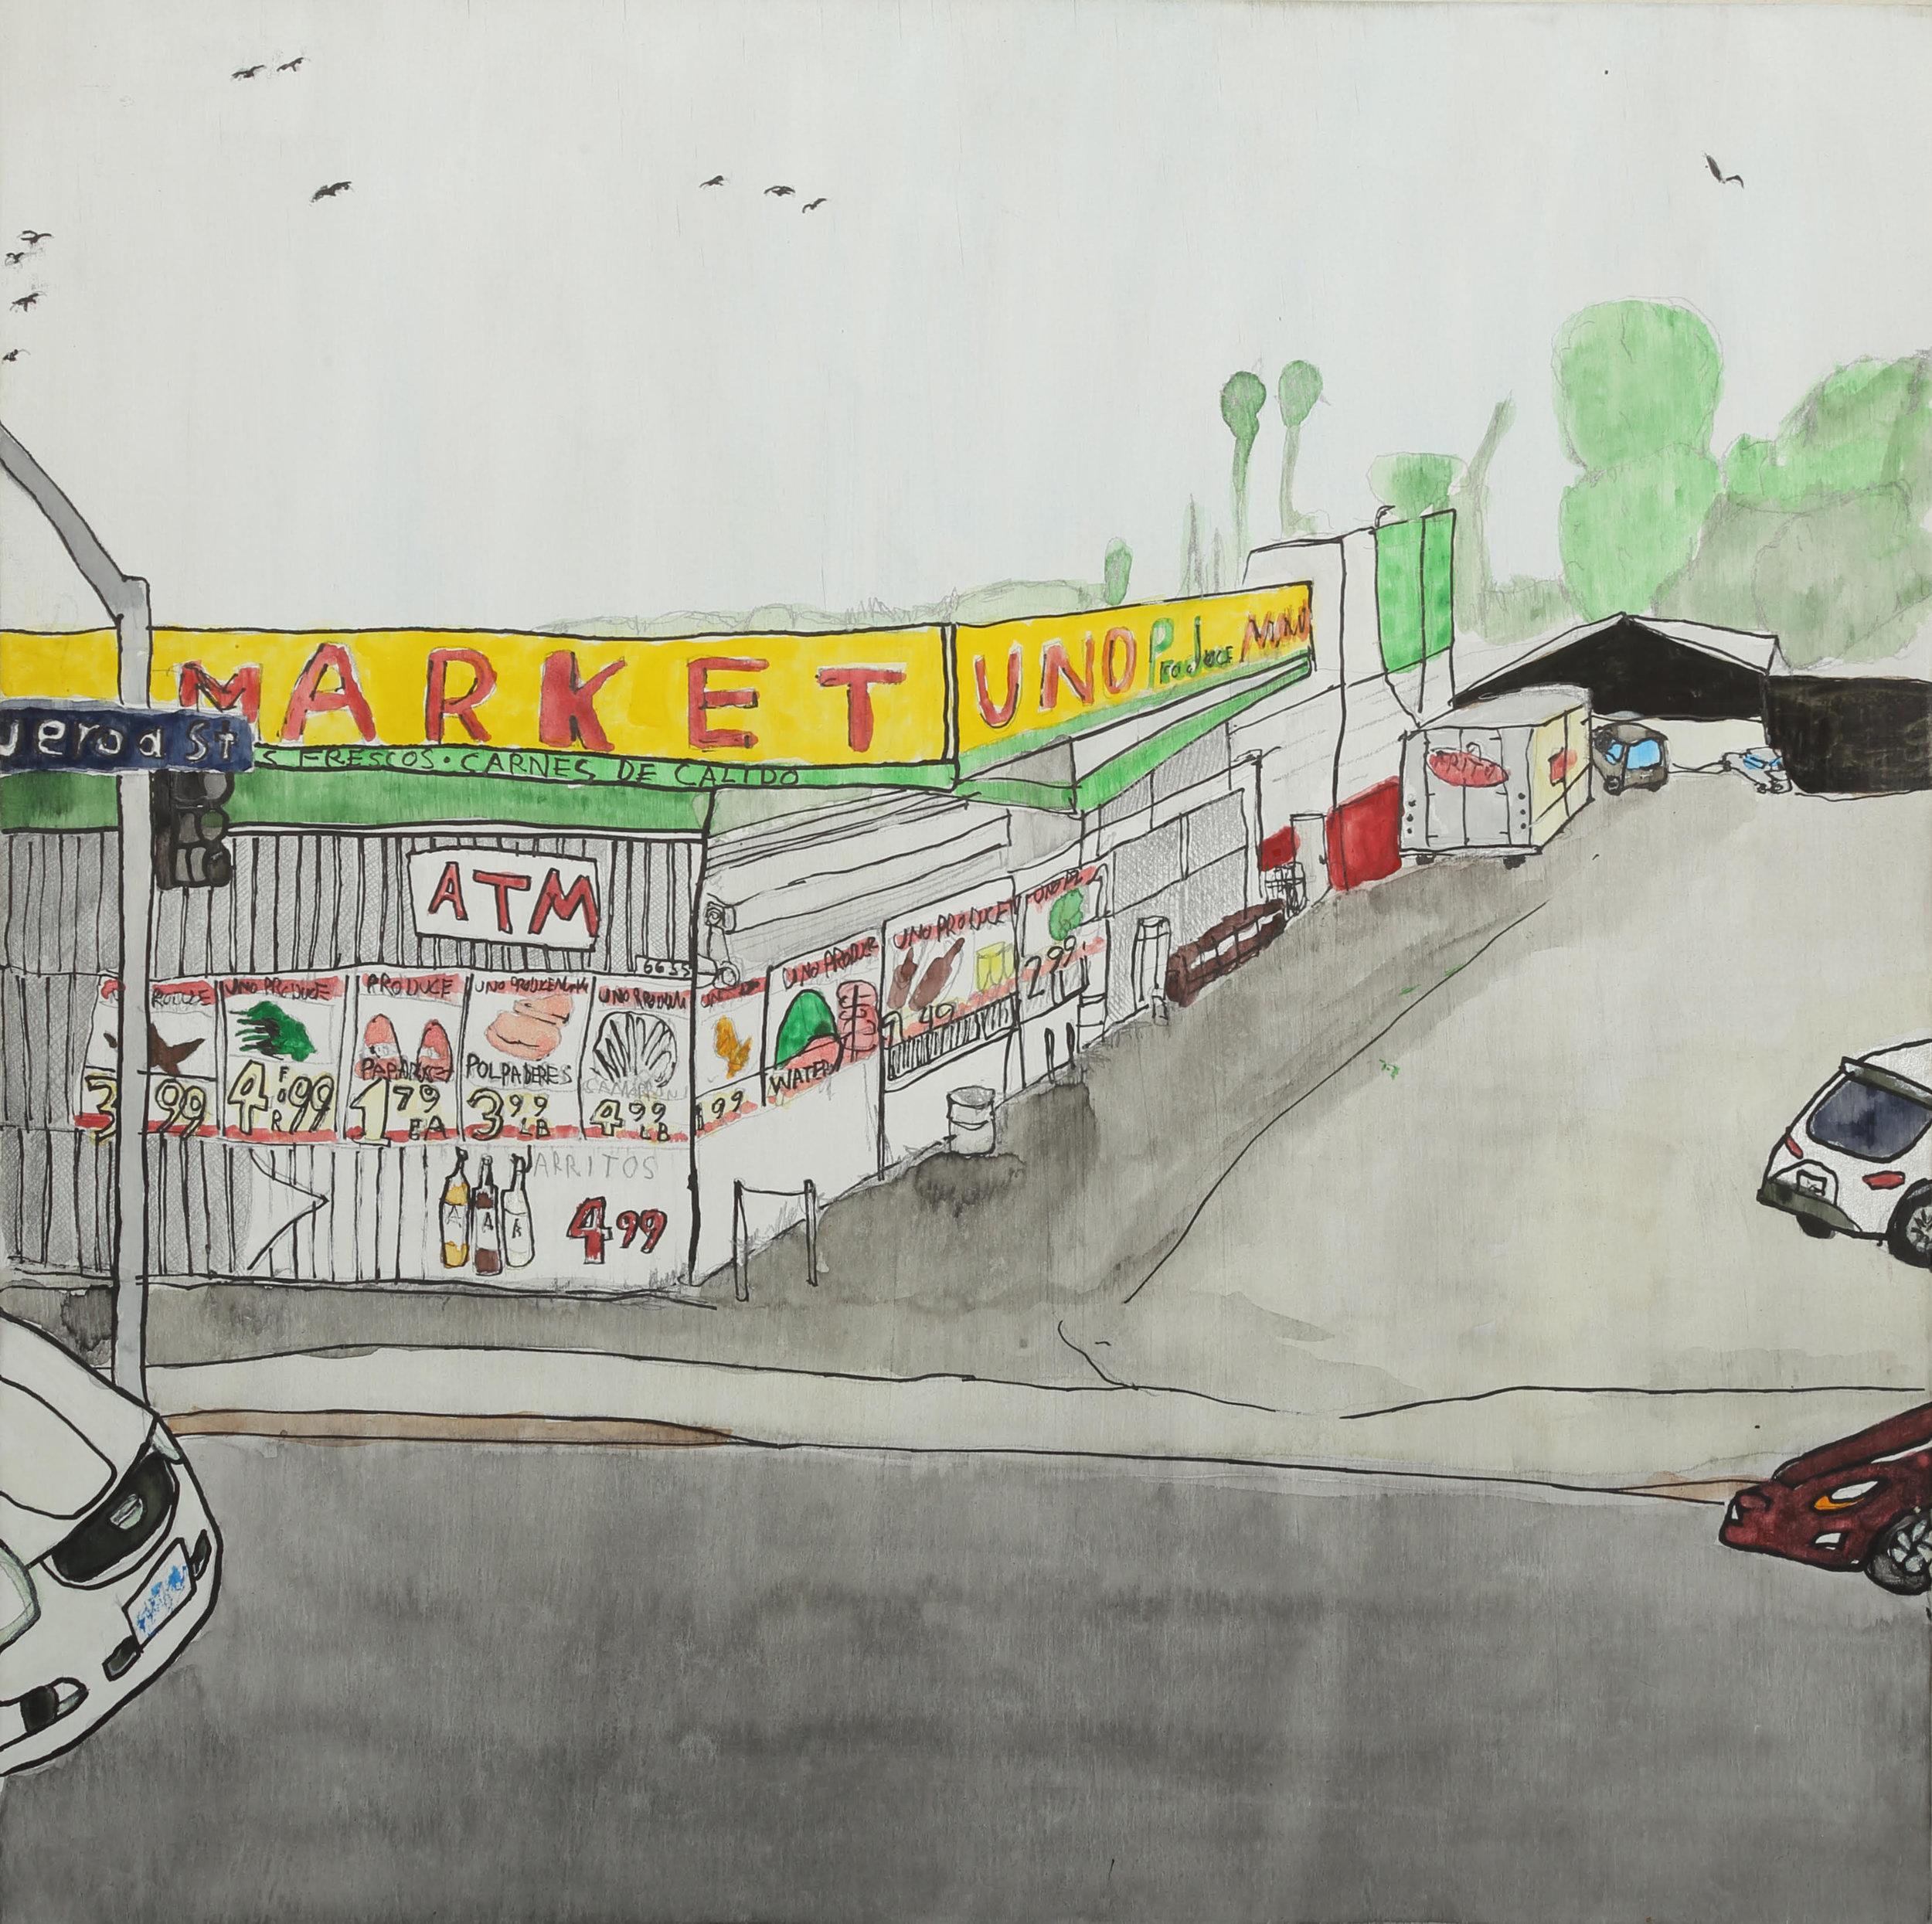 Uno Market